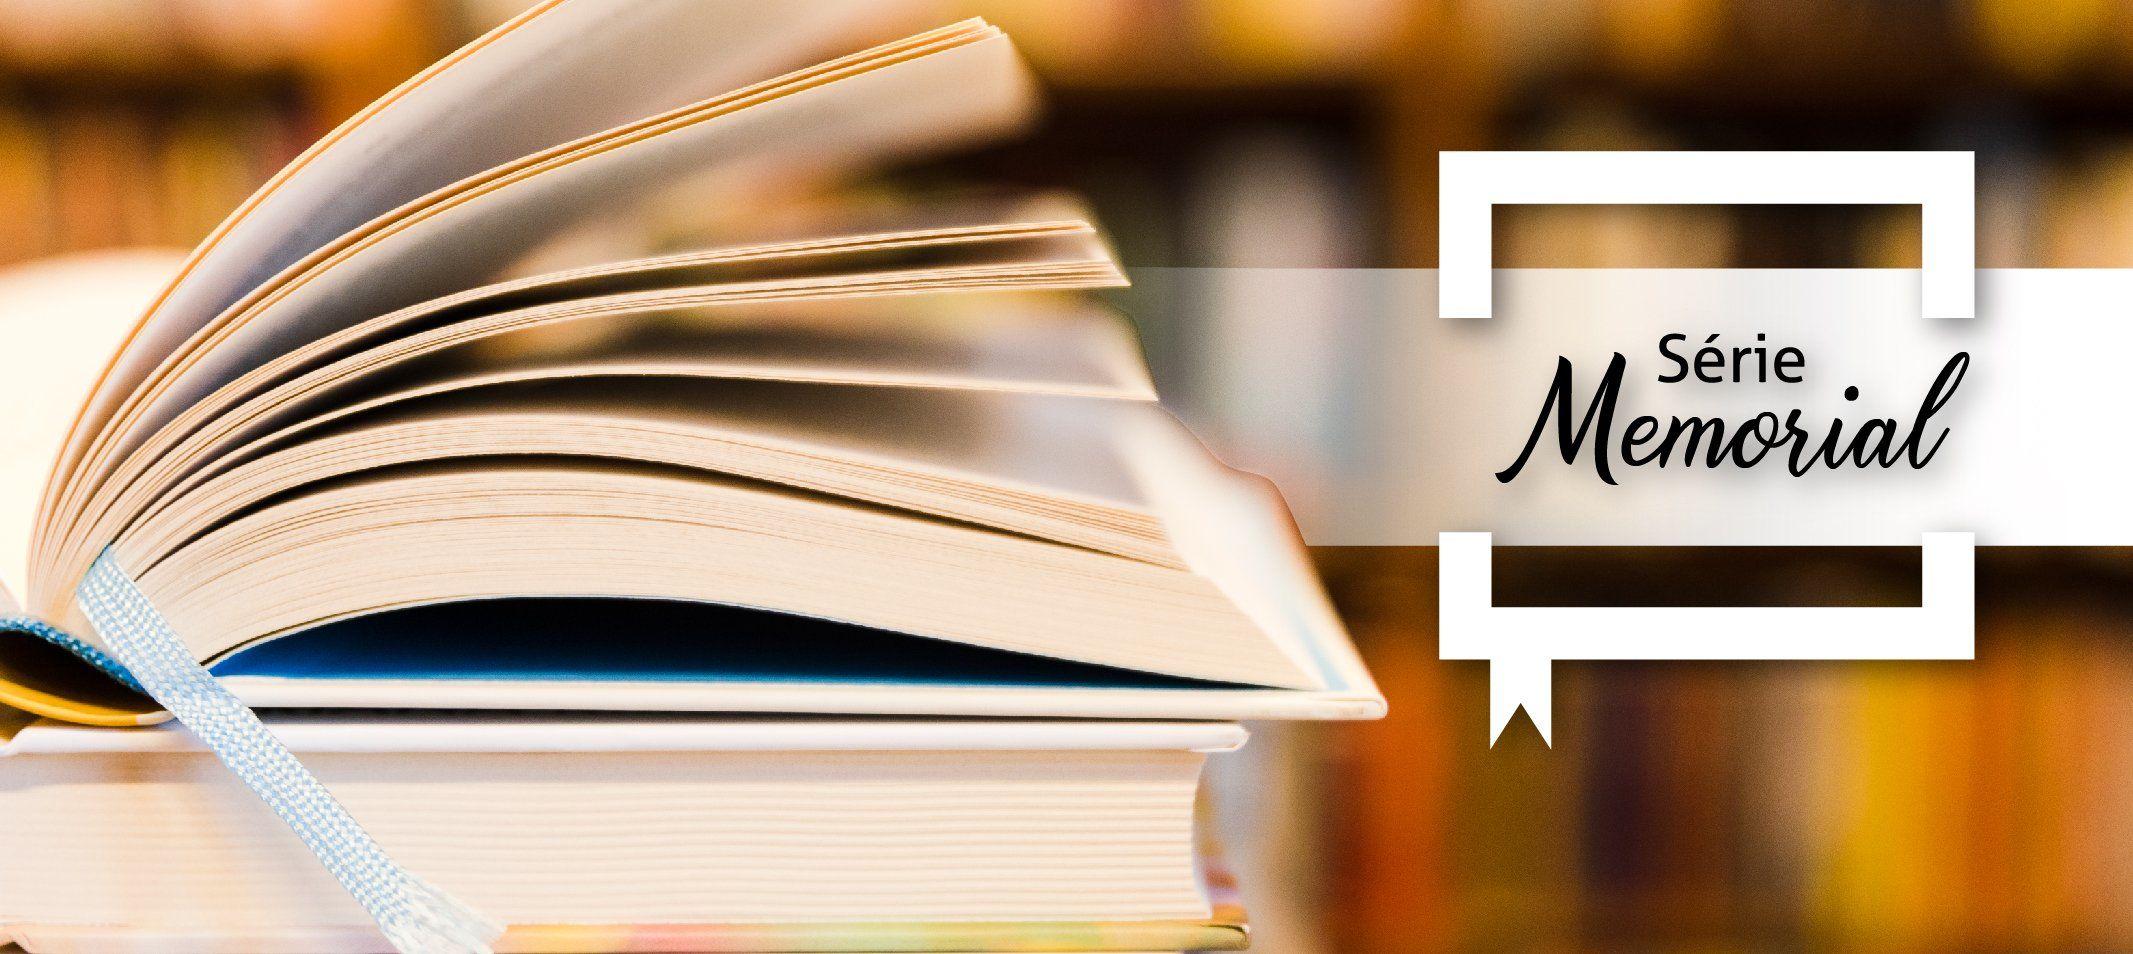 Edua – Docentes podem publicar livros pelo selo Memorial